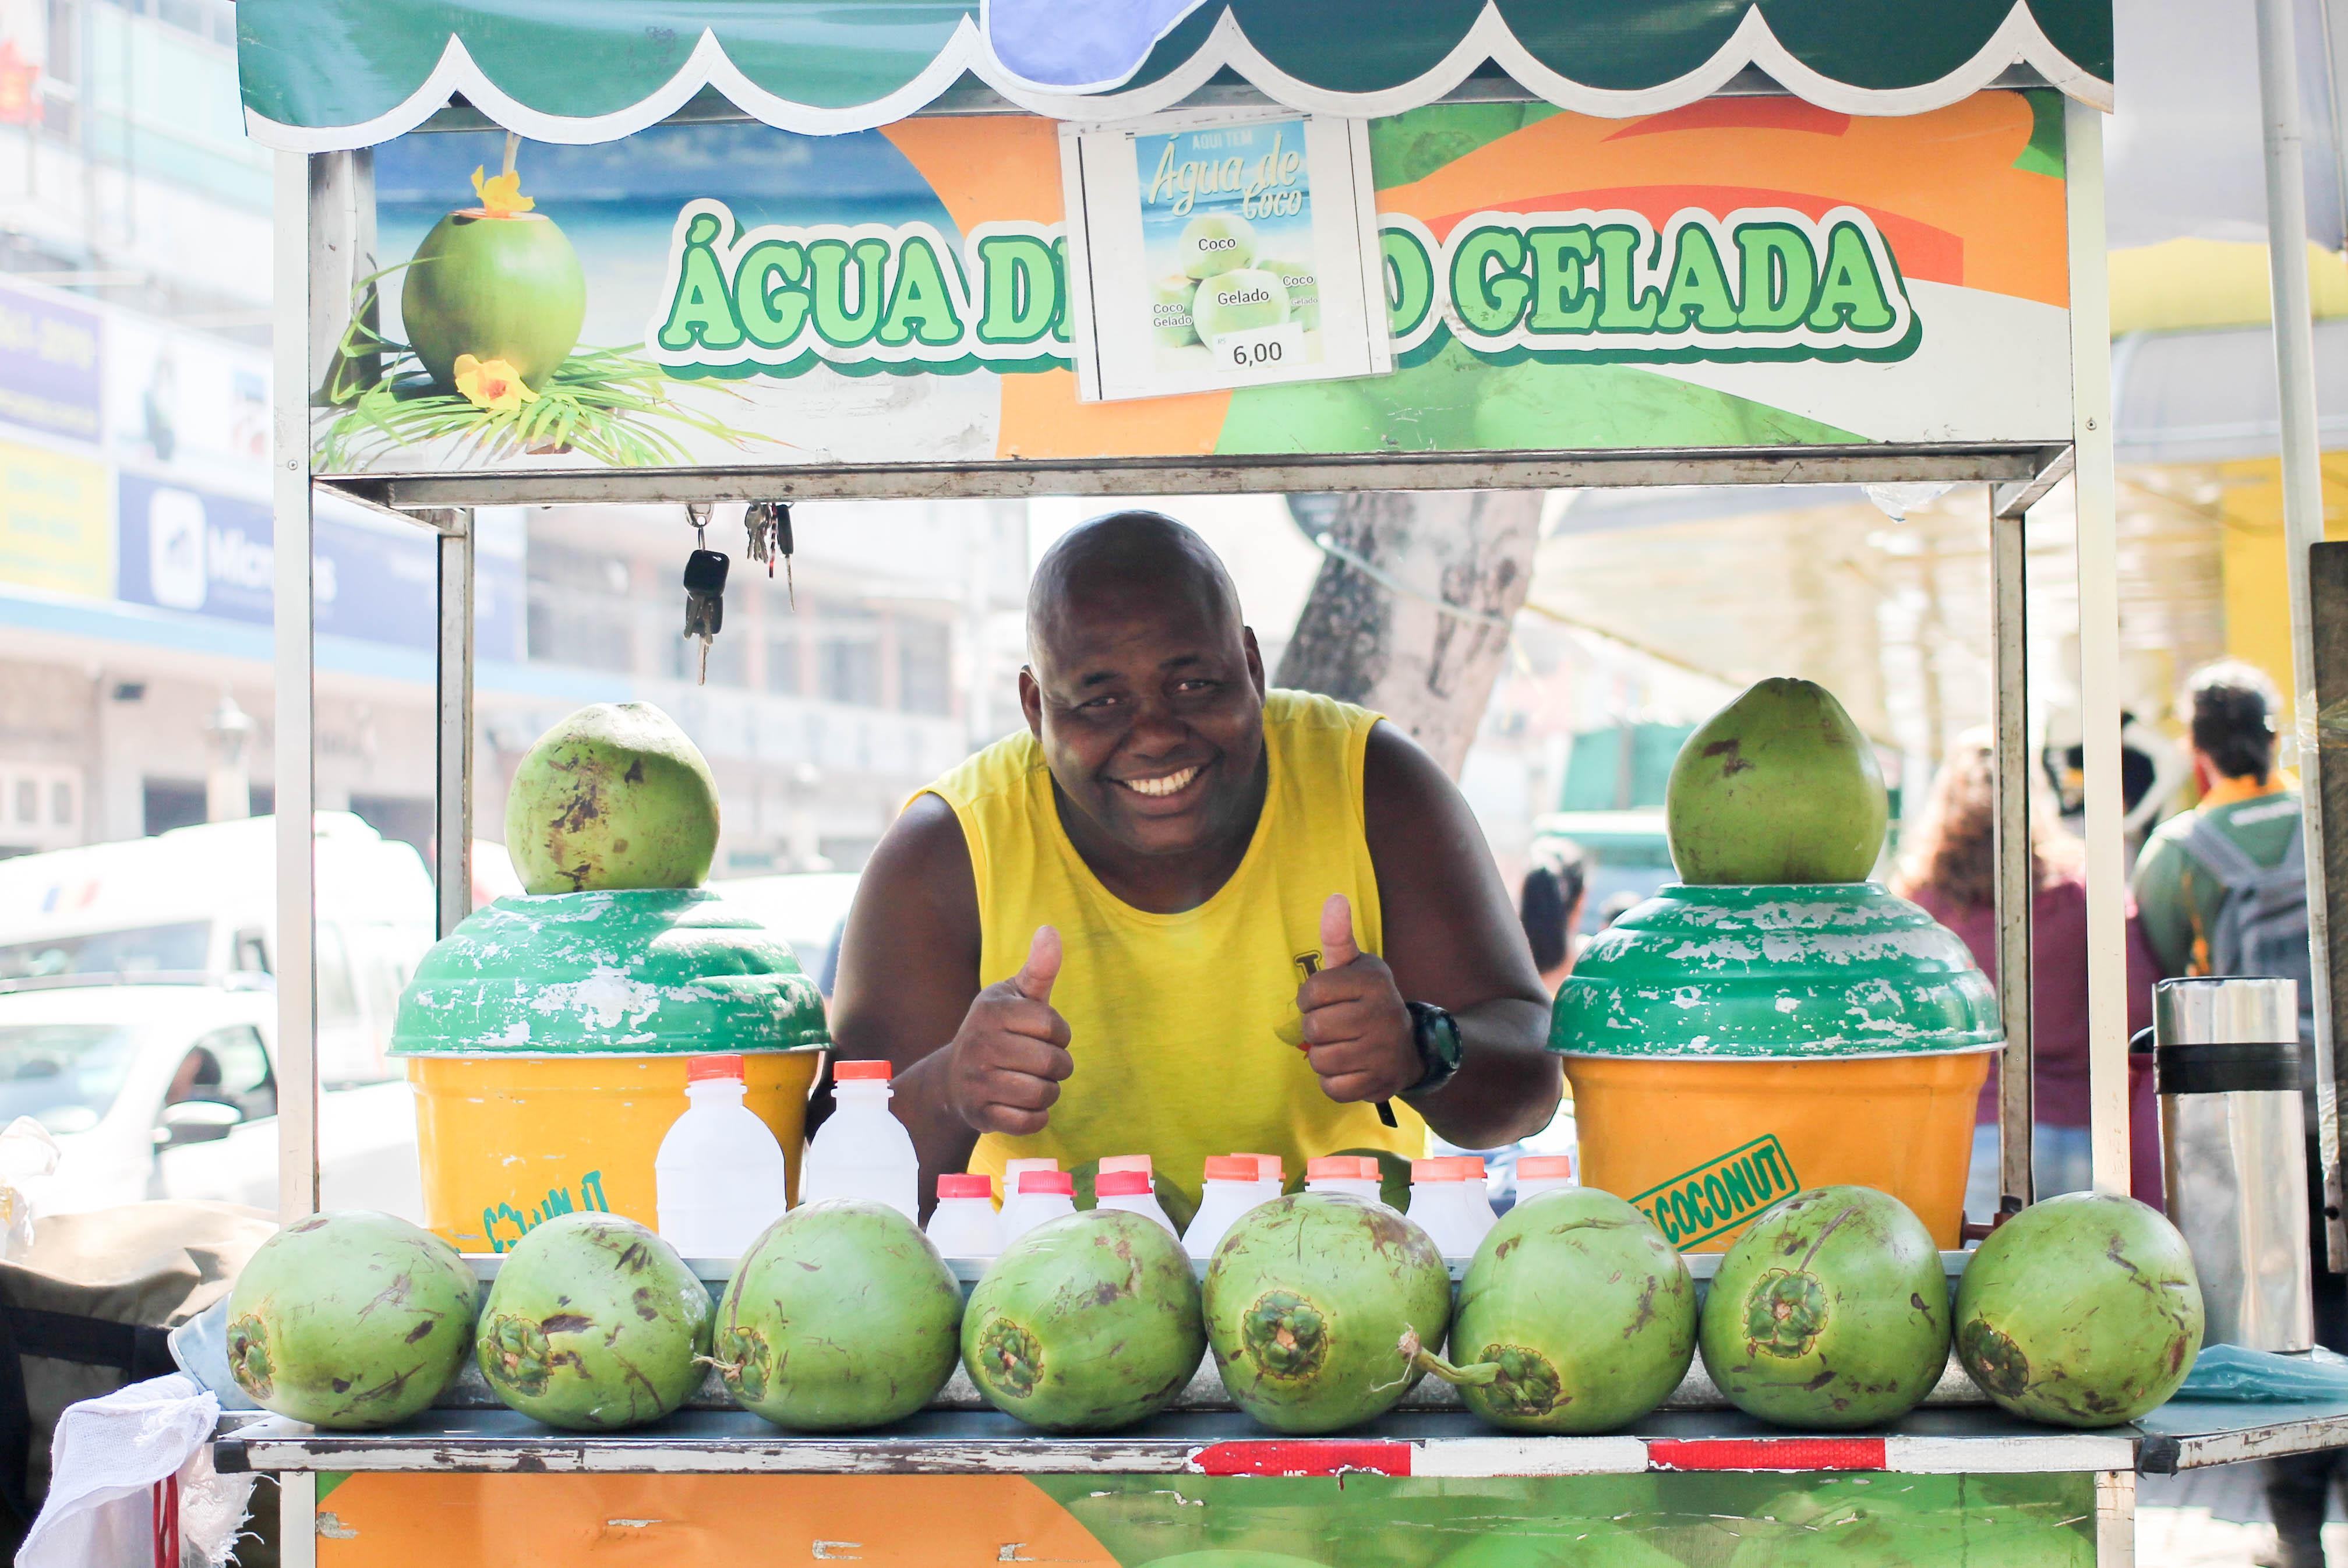 Vendendo água de coco em Bonsucesso, Jorge Anísio comprou apartamento, Kombi e é pura alegria